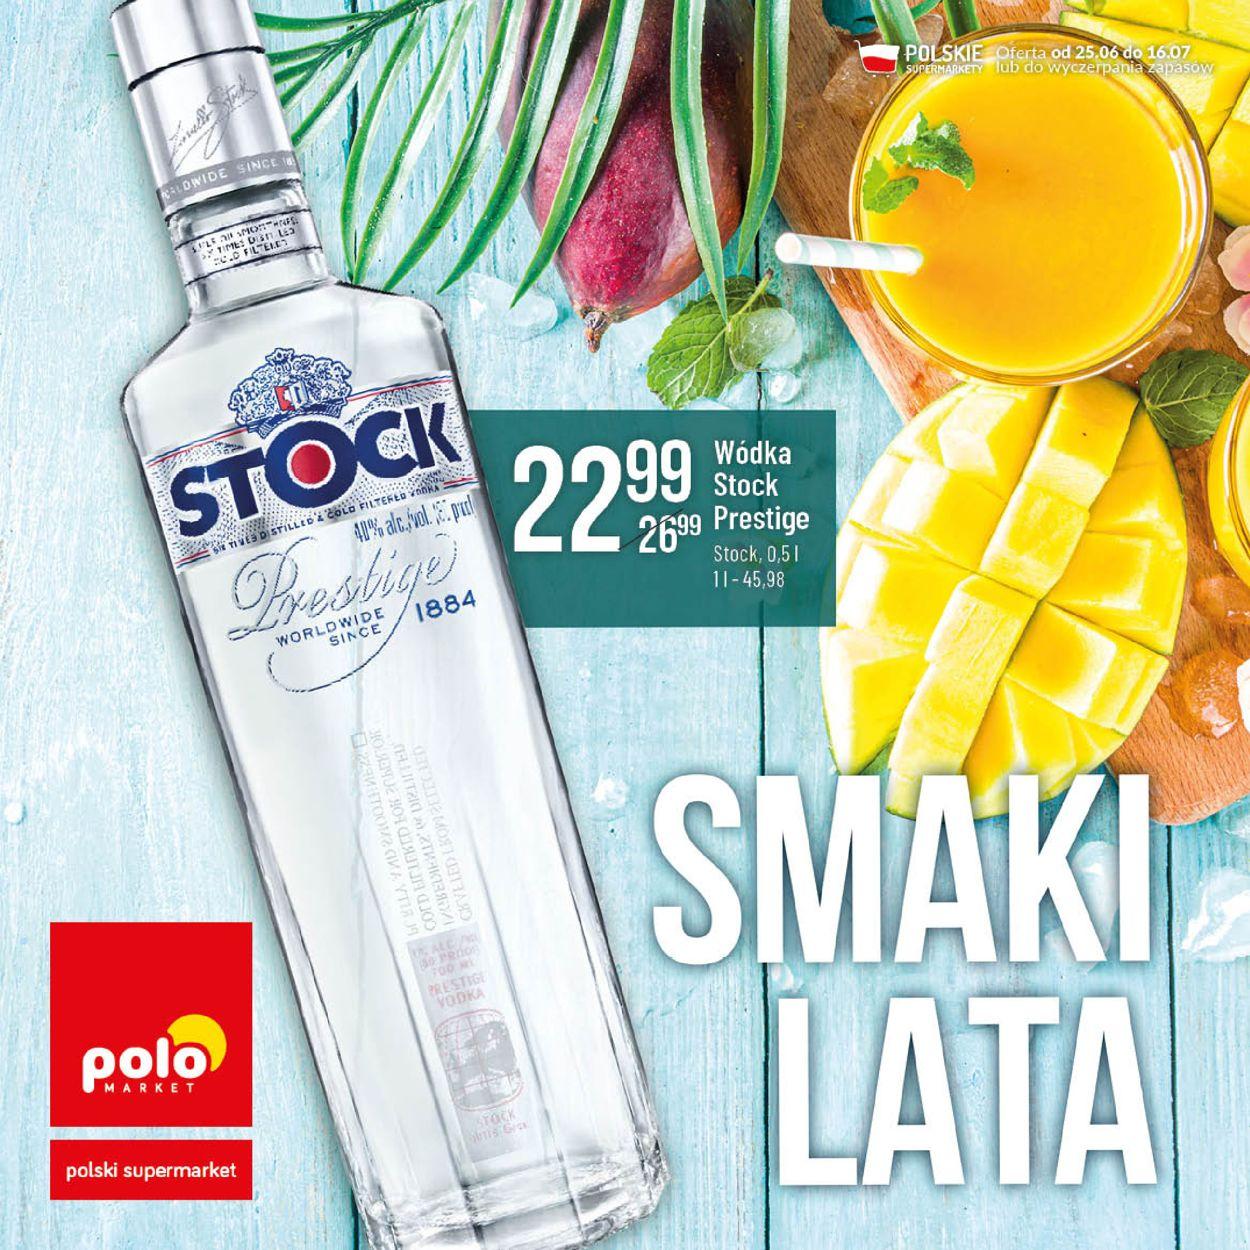 Gazetka promocyjna Polomarket - 25.06-16.07.2020